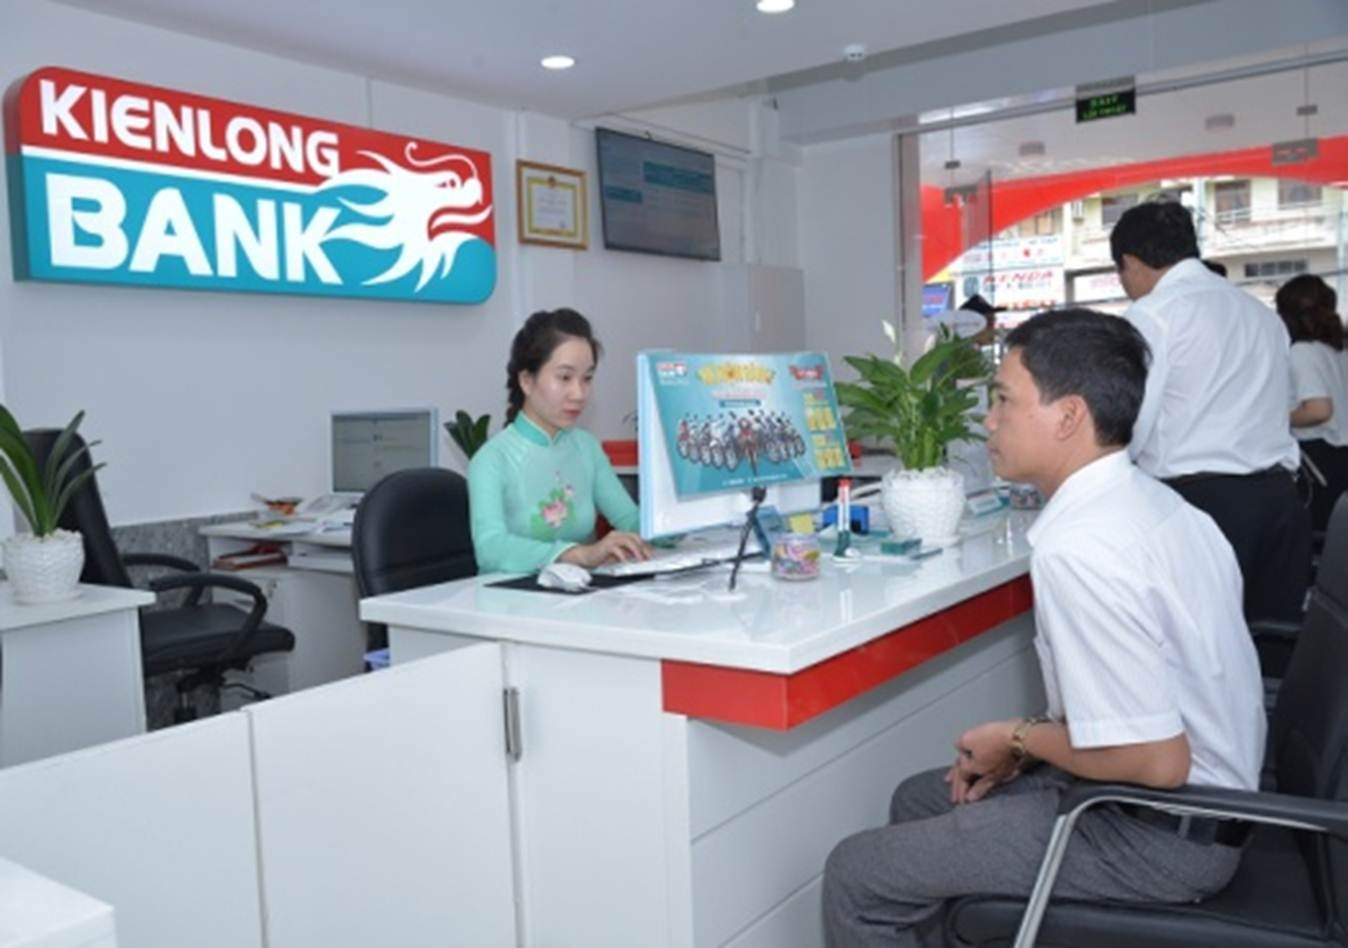 Lãi suất Ngân hàng Kiên Long mới nhất tháng 6/2019 - Ảnh 1.